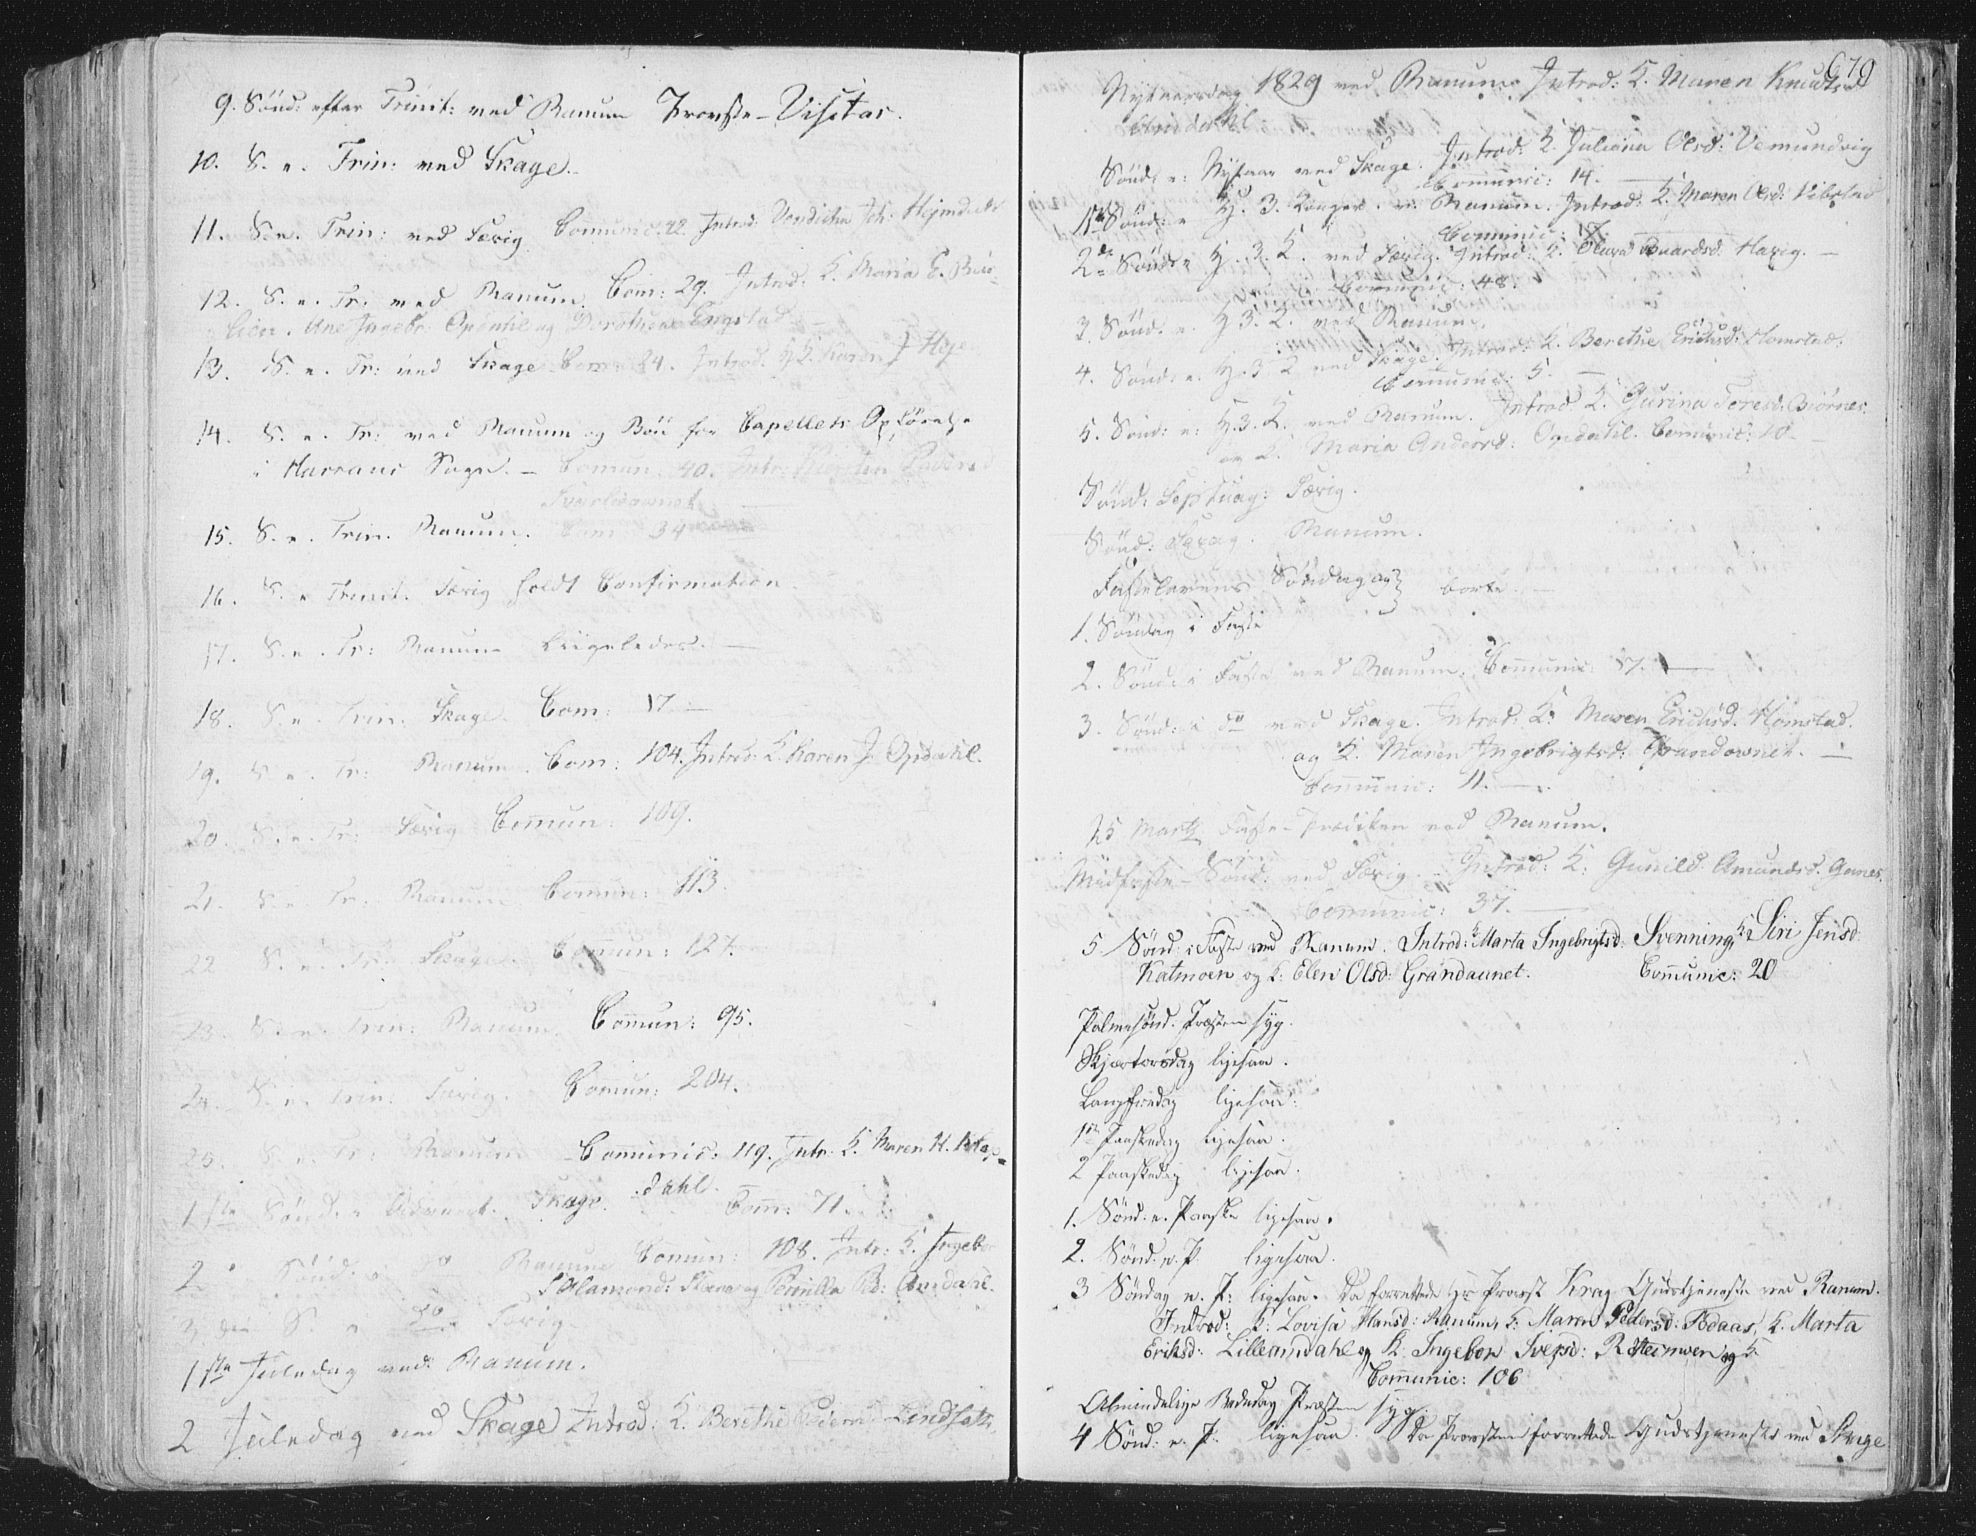 SAT, Ministerialprotokoller, klokkerbøker og fødselsregistre - Nord-Trøndelag, 764/L0552: Ministerialbok nr. 764A07b, 1824-1865, s. 679